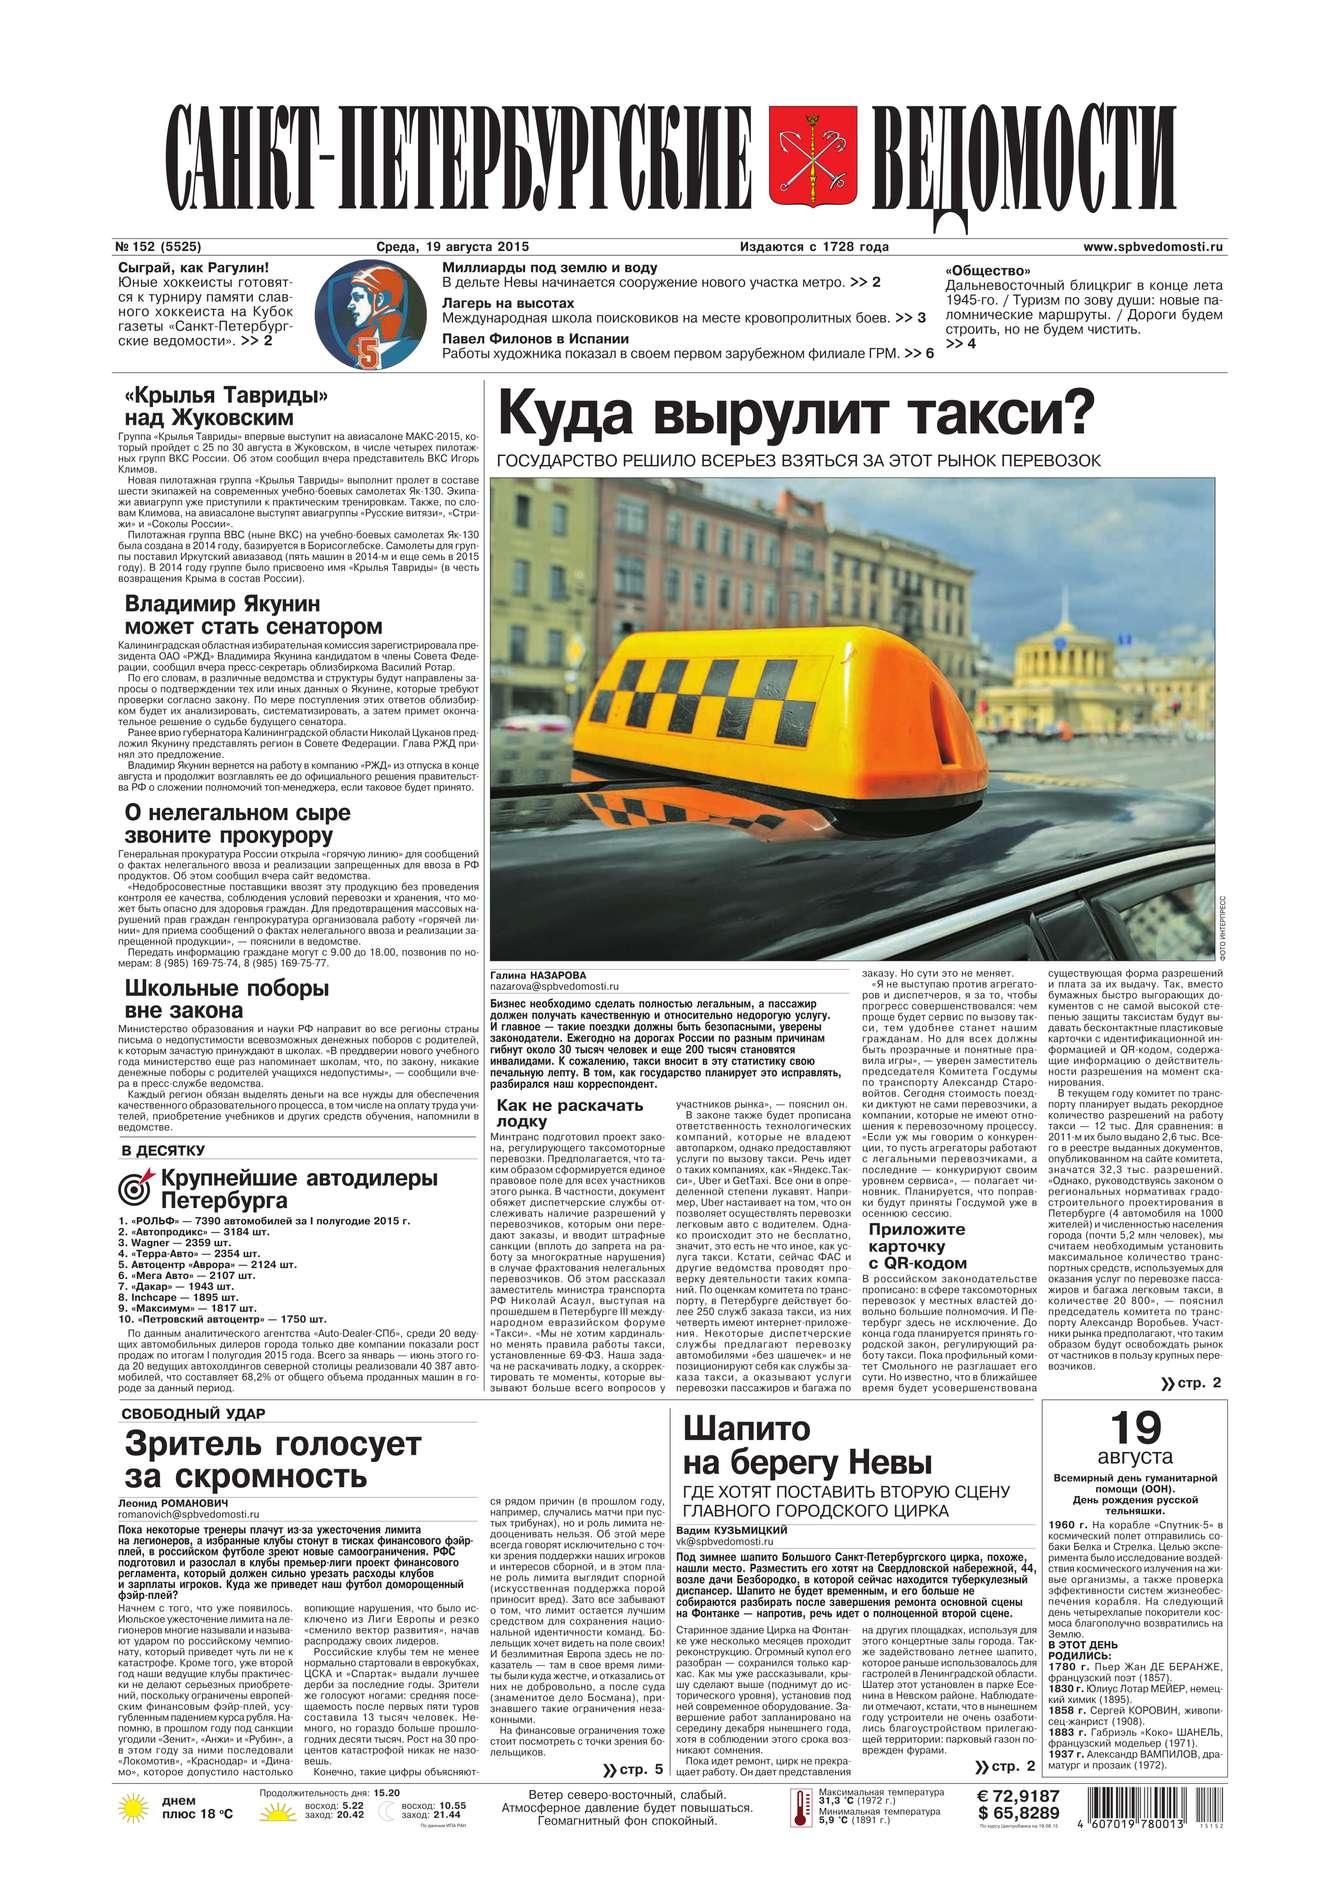 Редакция газеты Санкт-Петербургские ведомости 152-2015